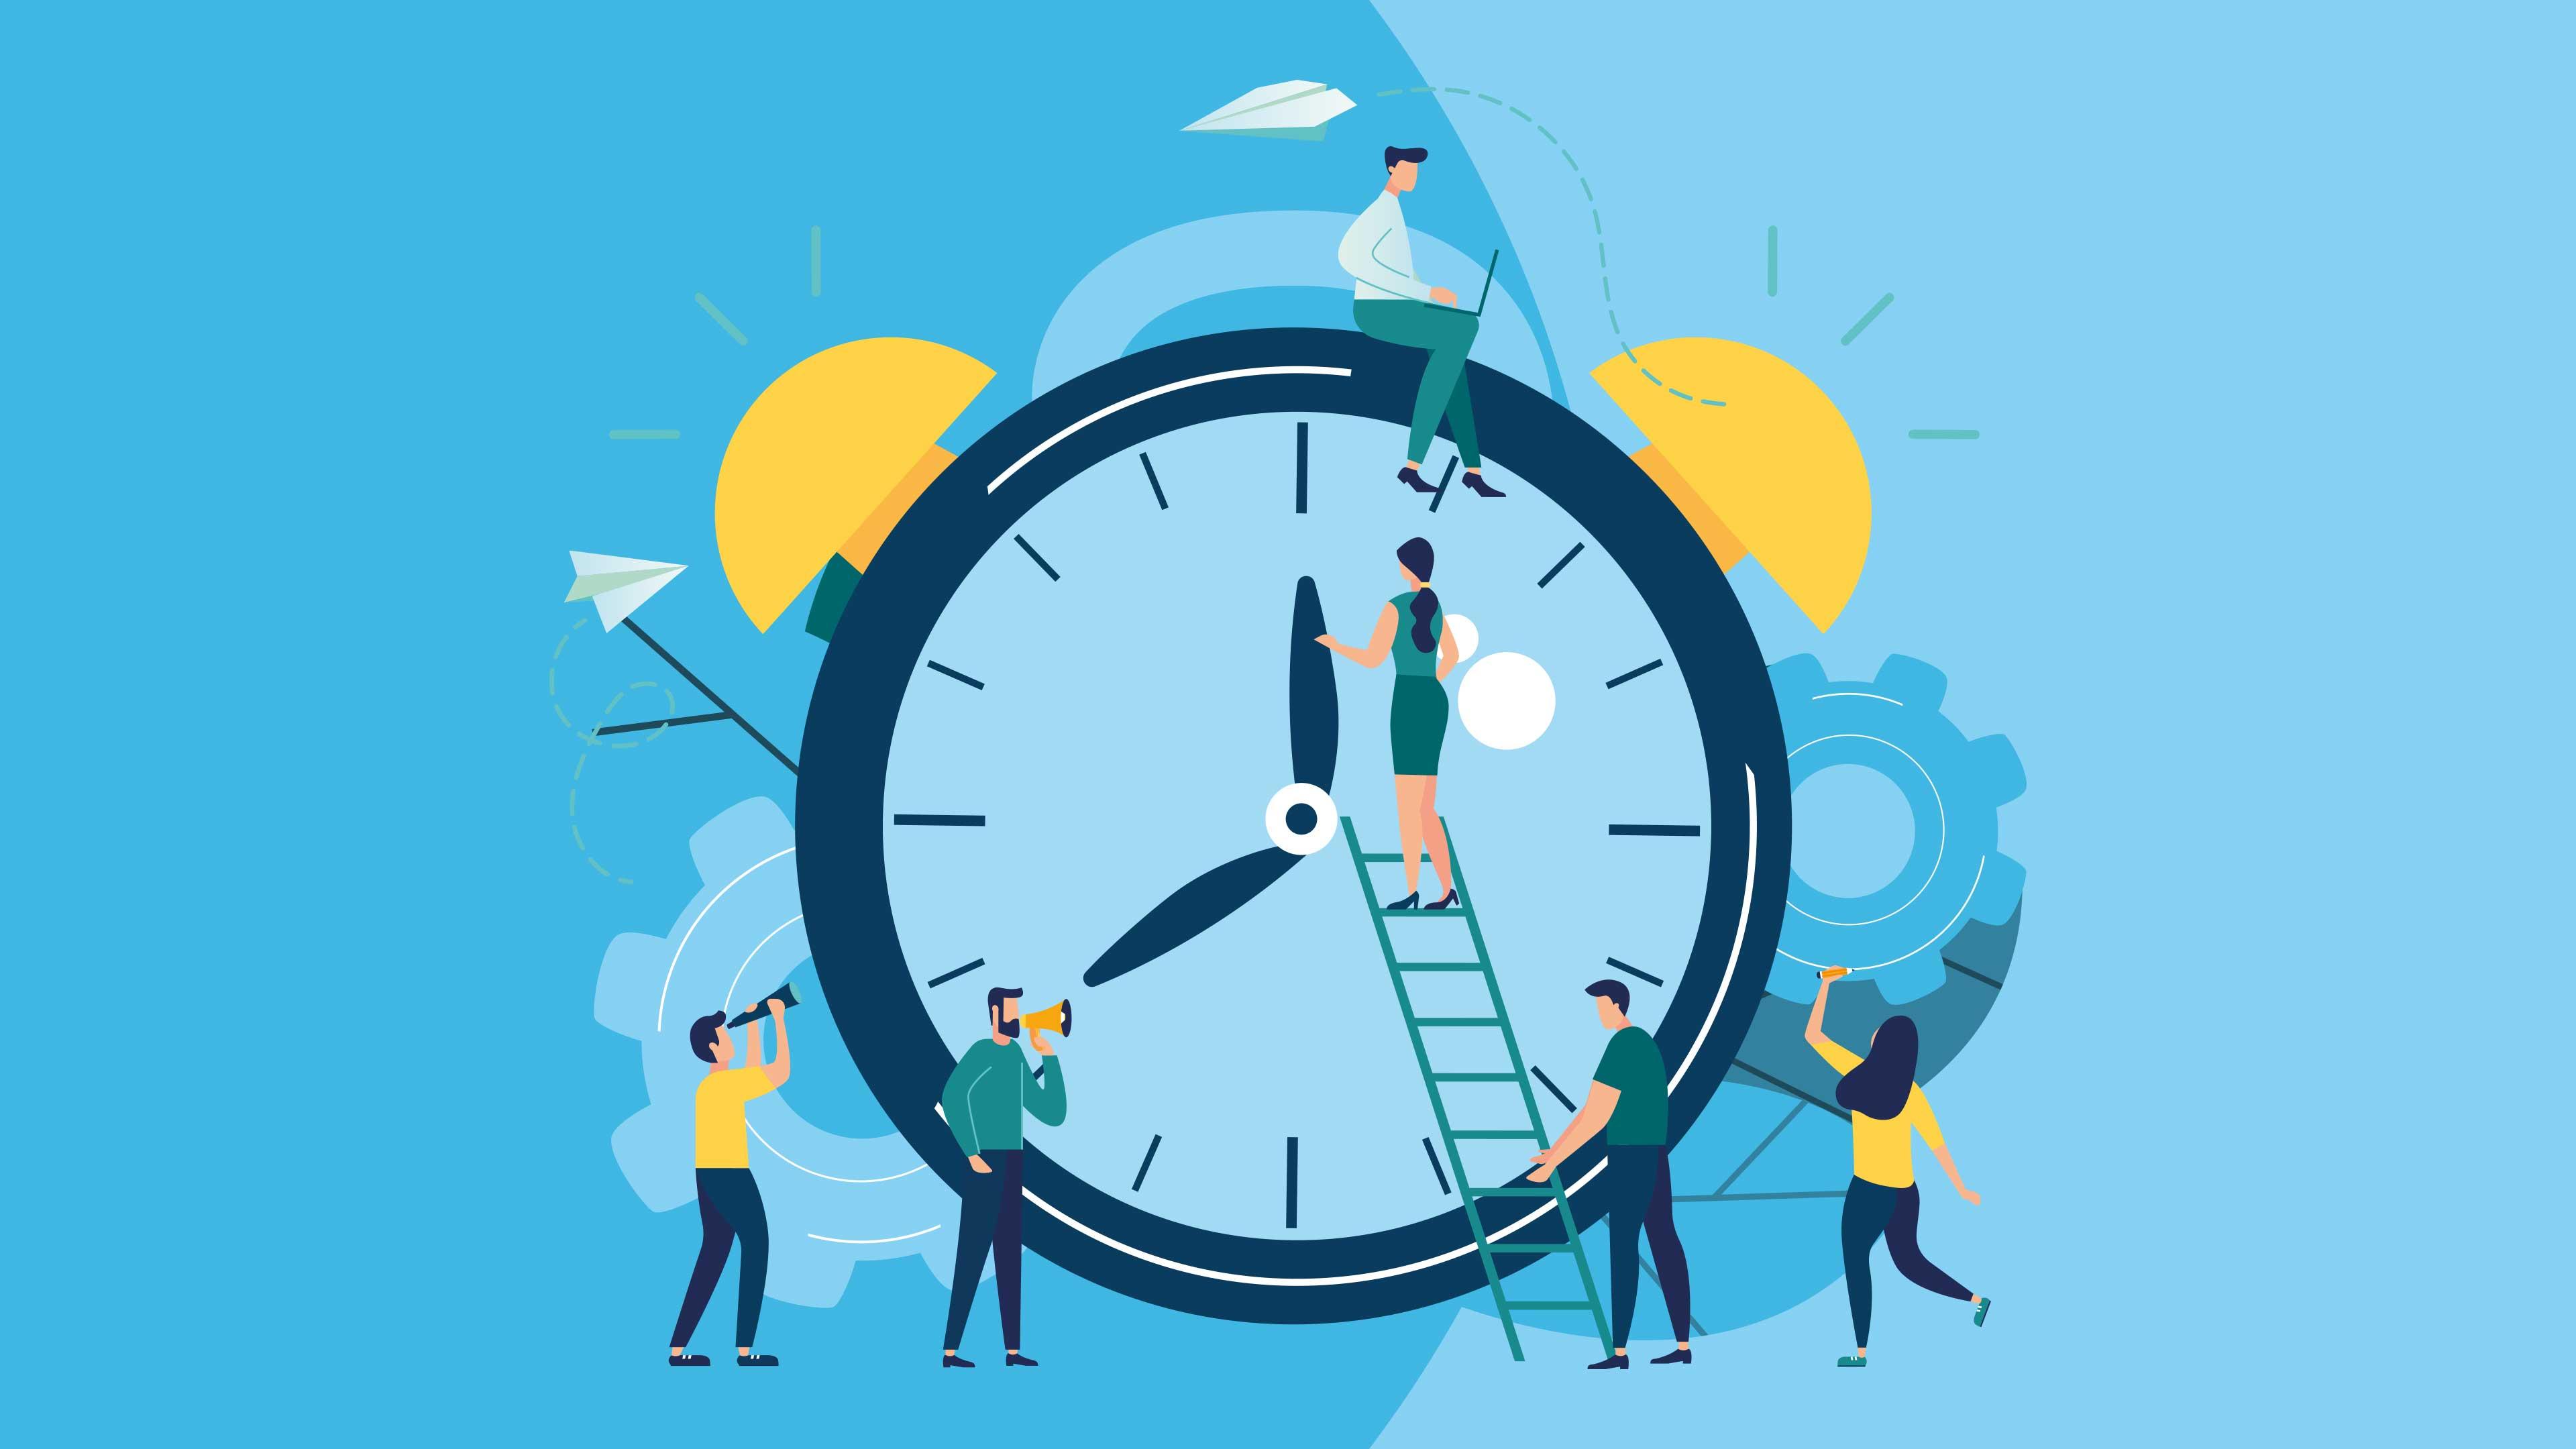 تفاوت تعهد، برآورد و هدف برای تیم های نرمافزاری در توسعه محصول